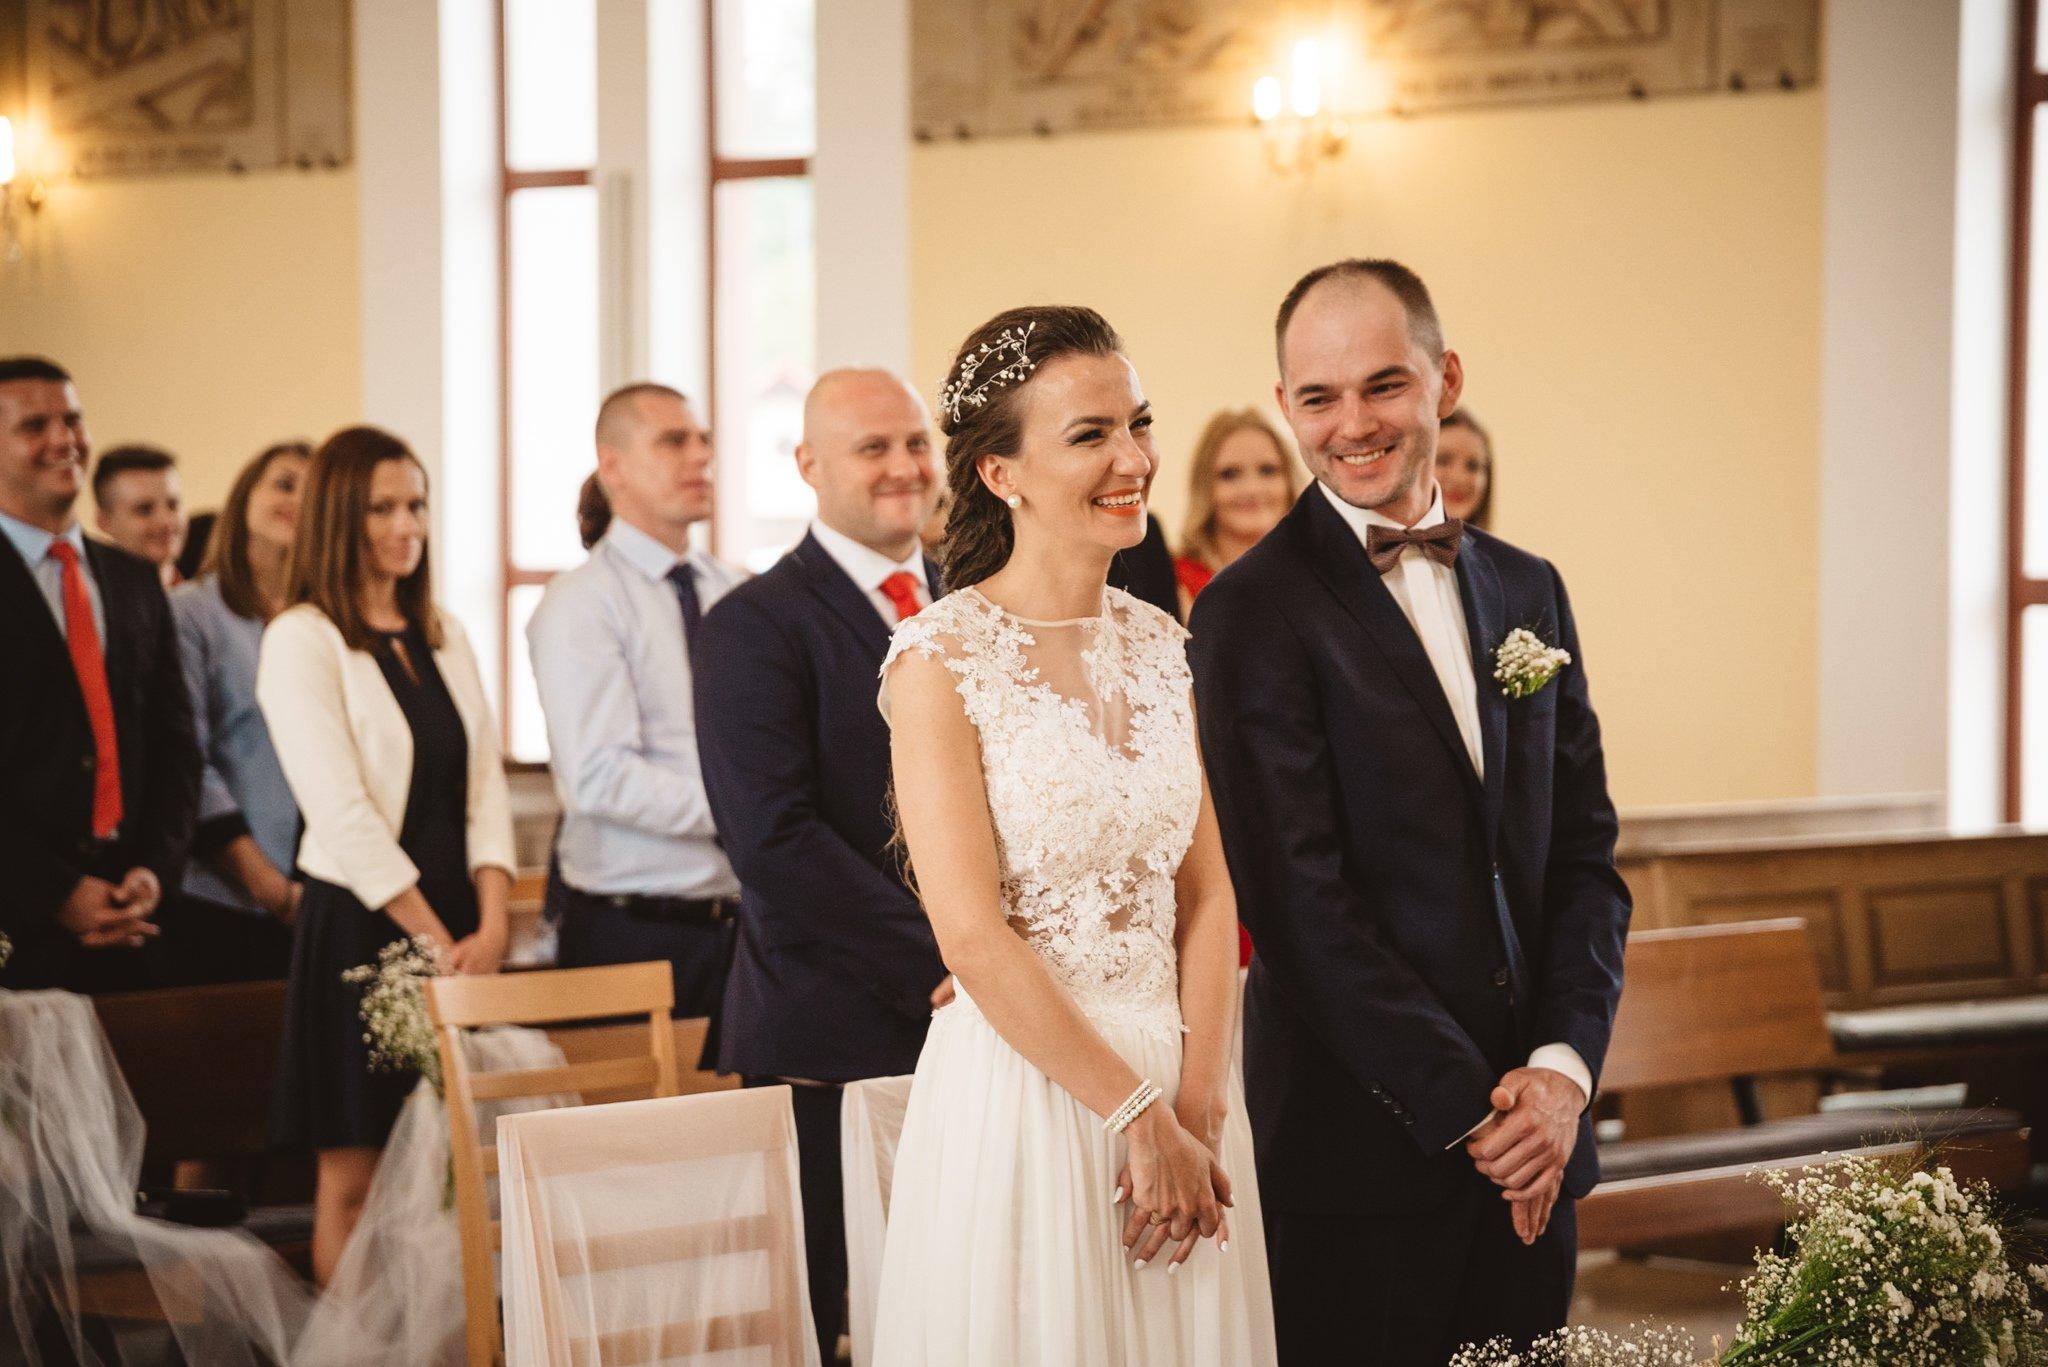 Ala i Arek, czyli jak zorganizować ślub i wesele w 4 tygodnie! 119